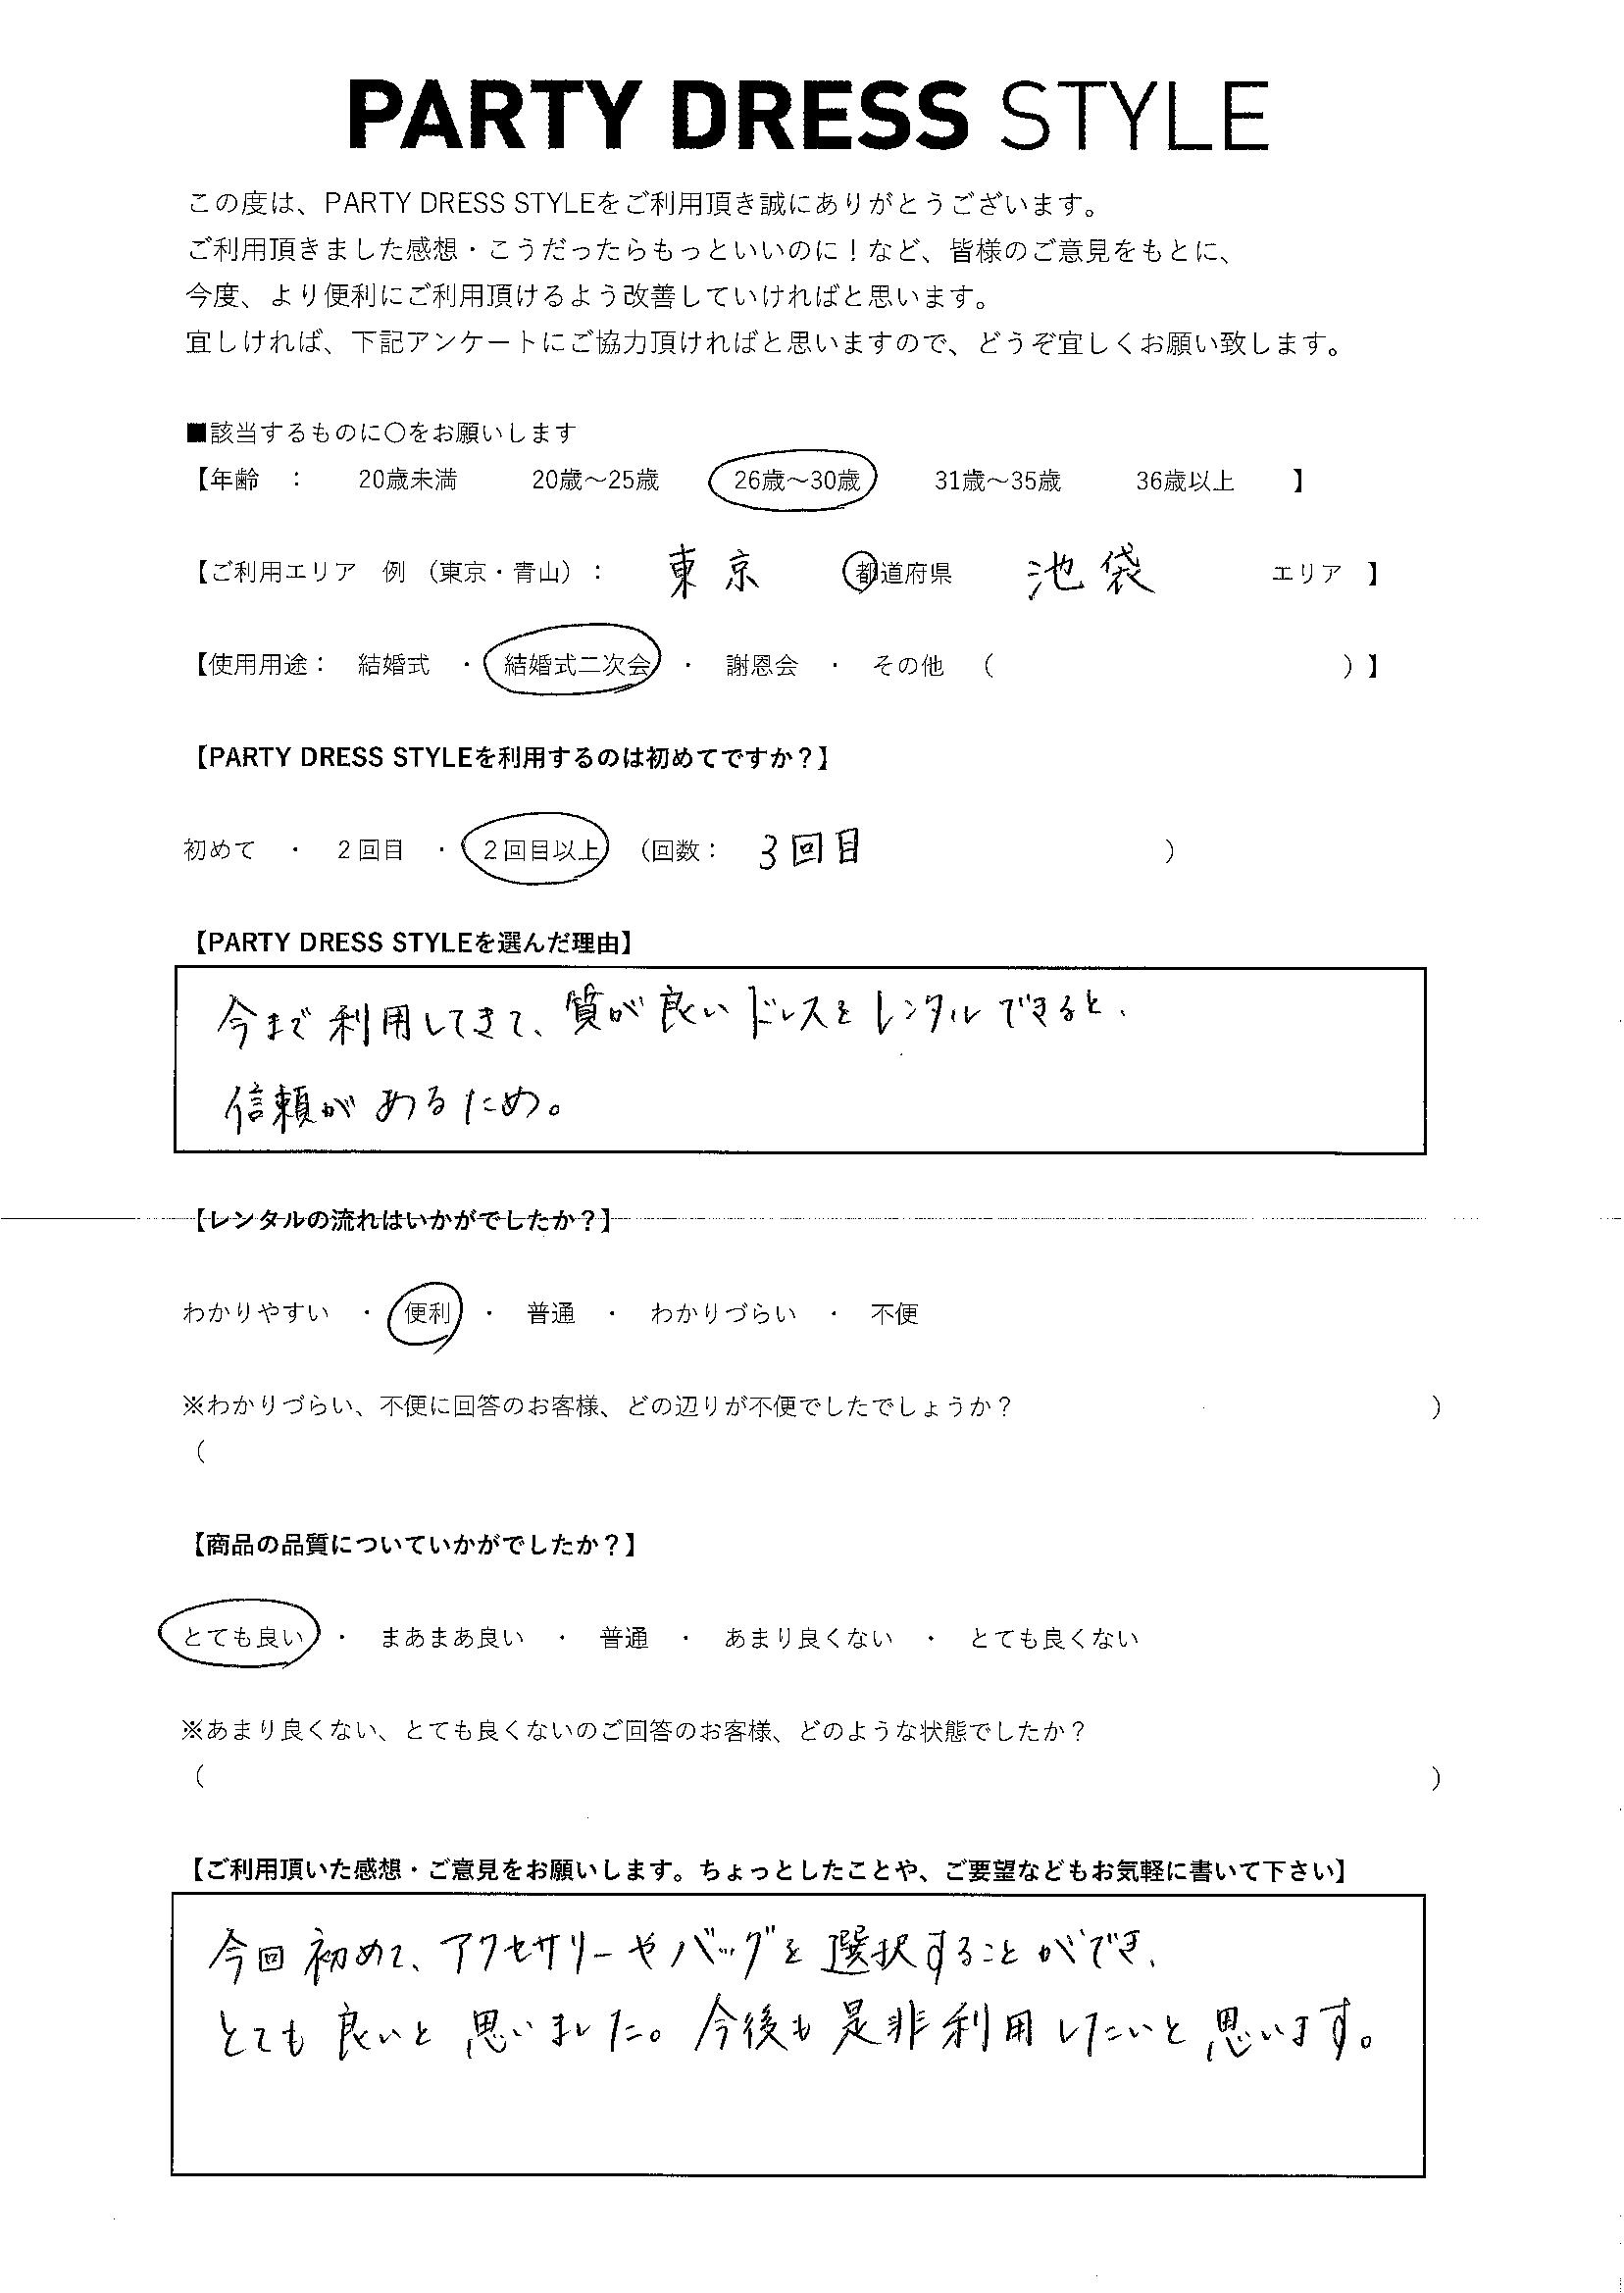 8/4結婚式二次会 東京都・池袋エリア